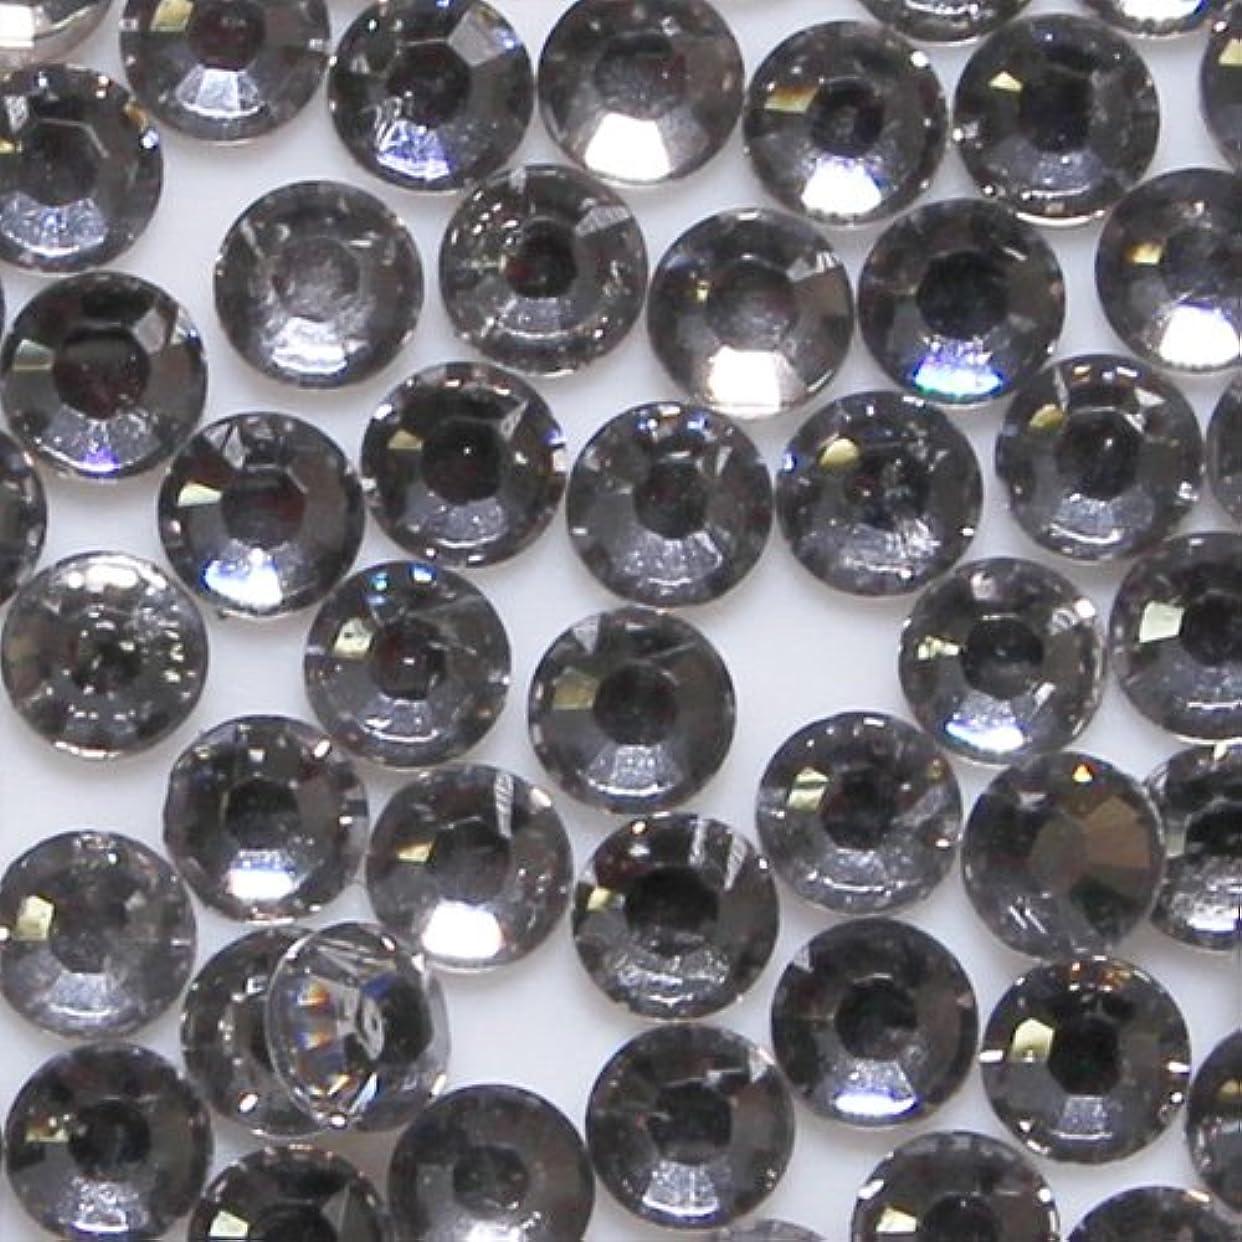 強要あいまいなホット高品質 アクリルストーン ラインストーン ラウンドフラット 約1000粒入り 2mm ブラックダイヤモンド